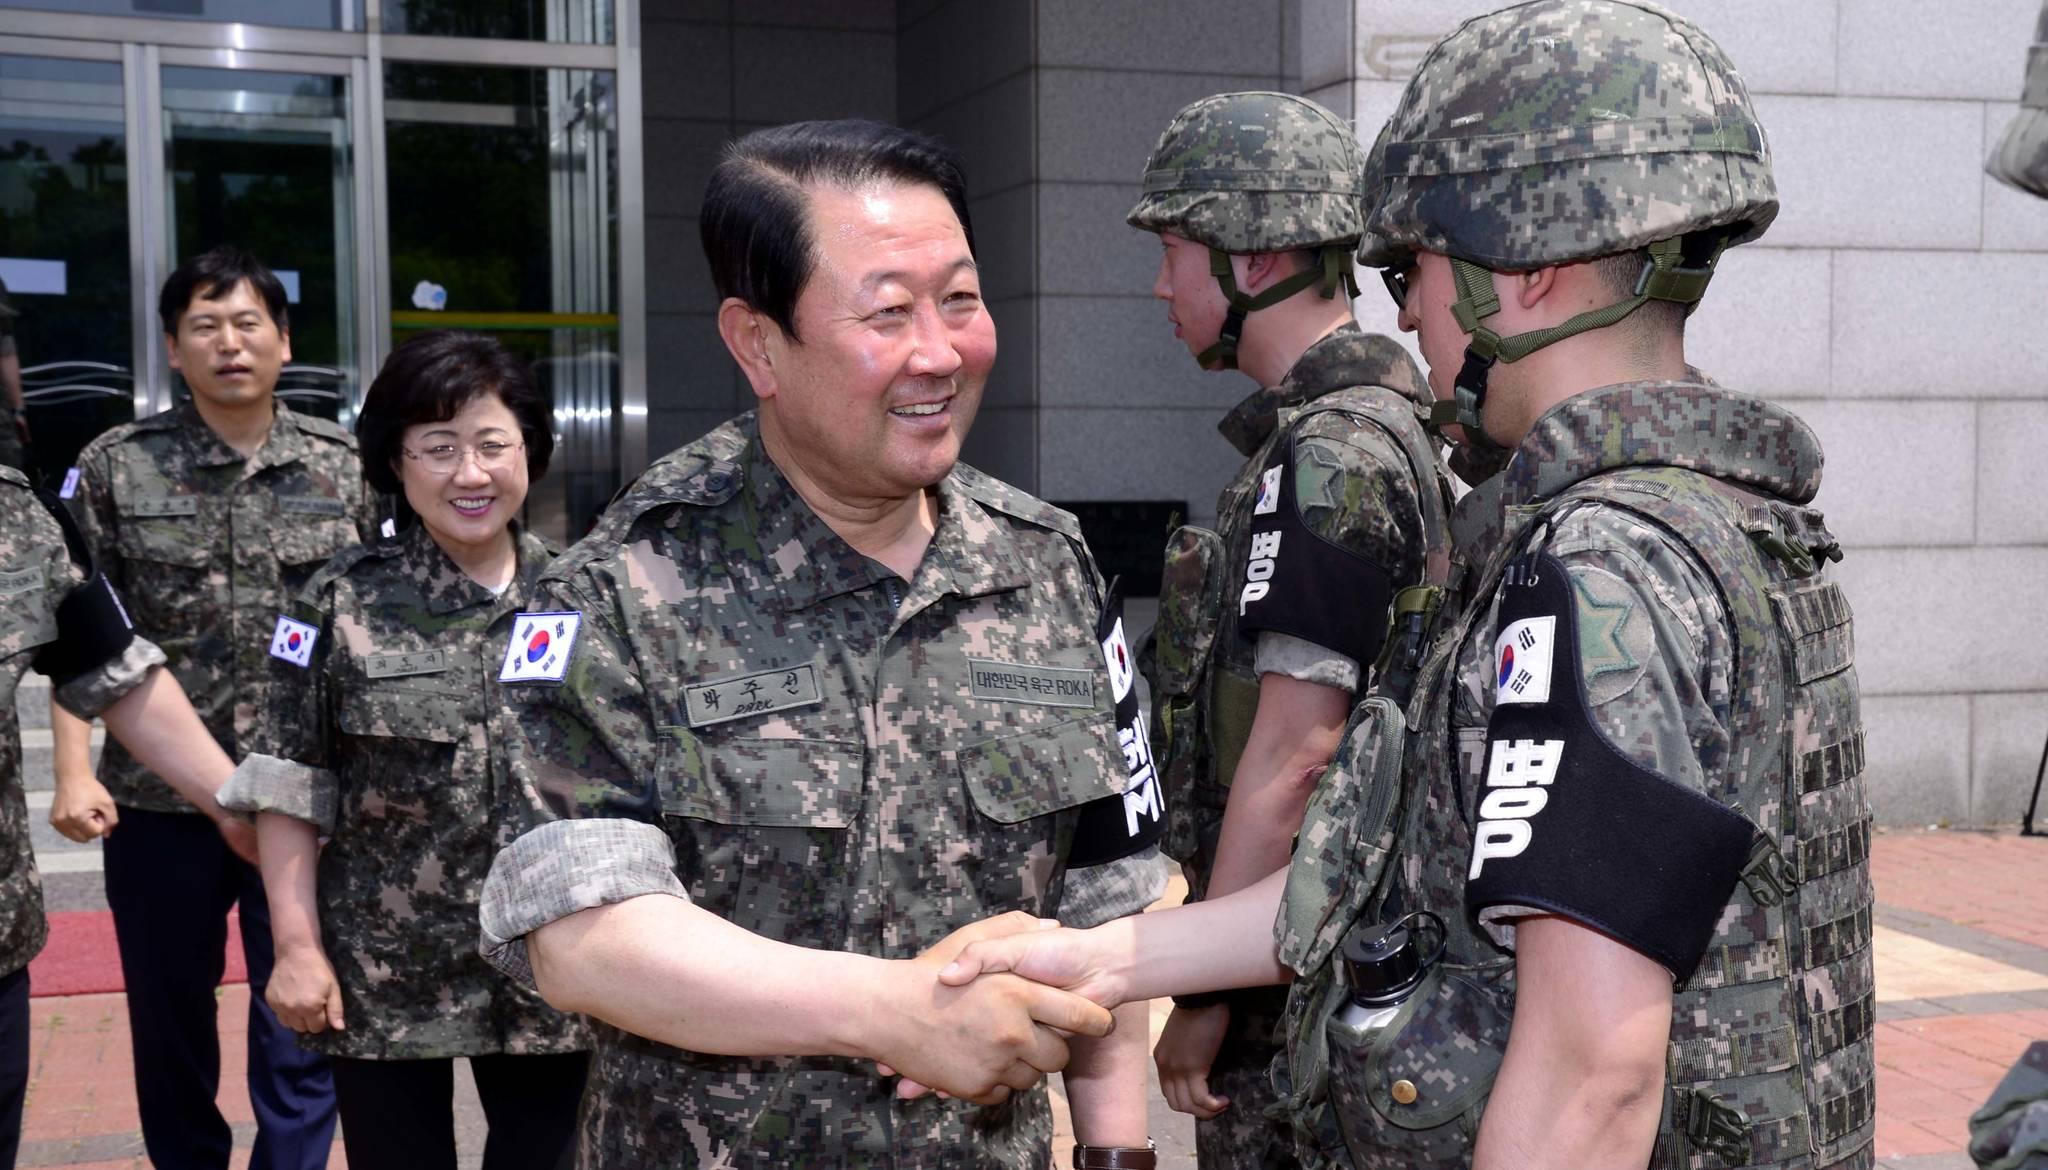 박주선 국민의당 비상대책위원장을 비롯한 지도부가 20일 오전 강원도 철원 평화전망대에서 군장병들을 격려하고 있다.[국회사진기자단]